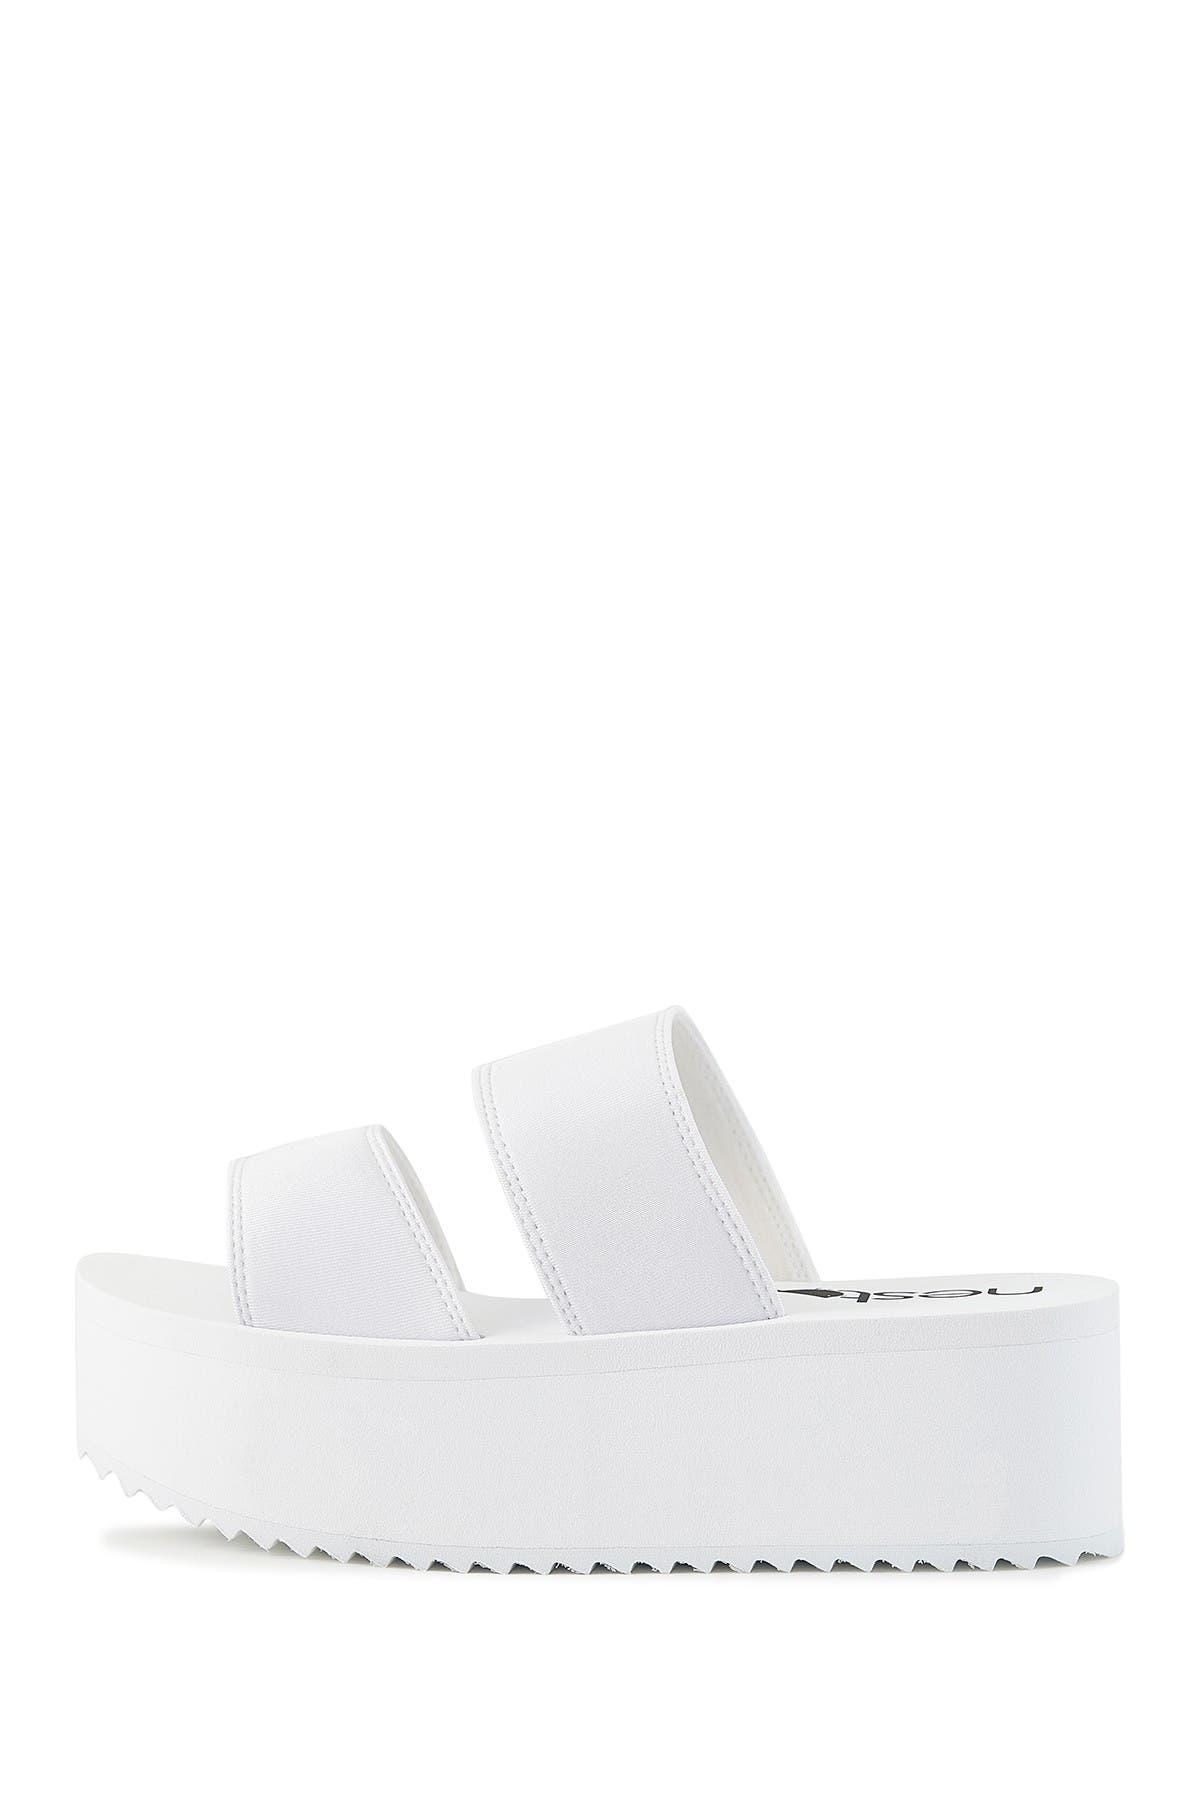 Image of NEST FOOTWEAR Dual Strap Platform Sandal